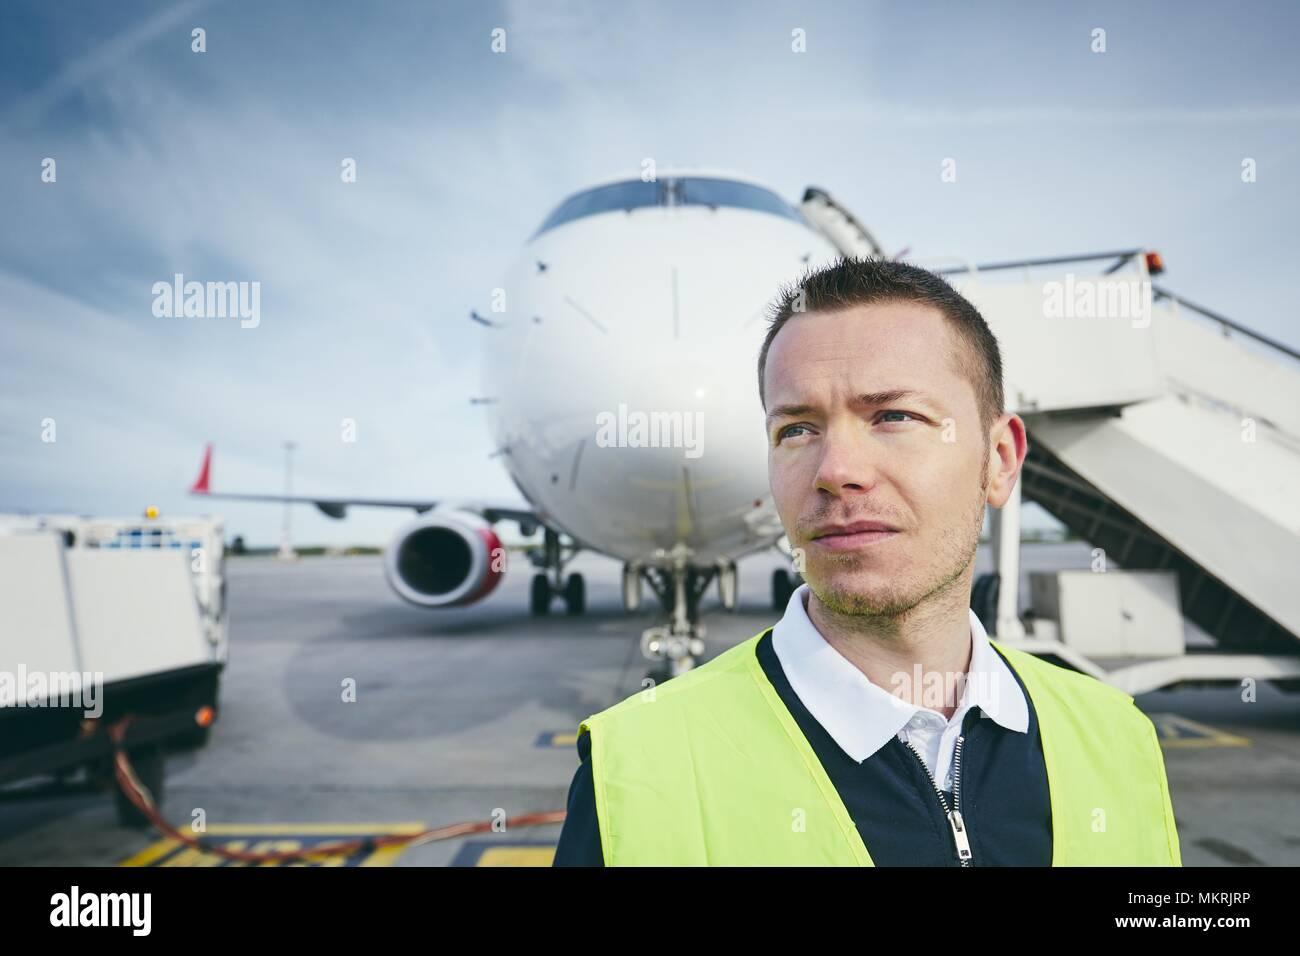 Miembro trabajador de la tripulación en tierra en el aeropuerto en la parte delantera del avión. Imagen De Stock